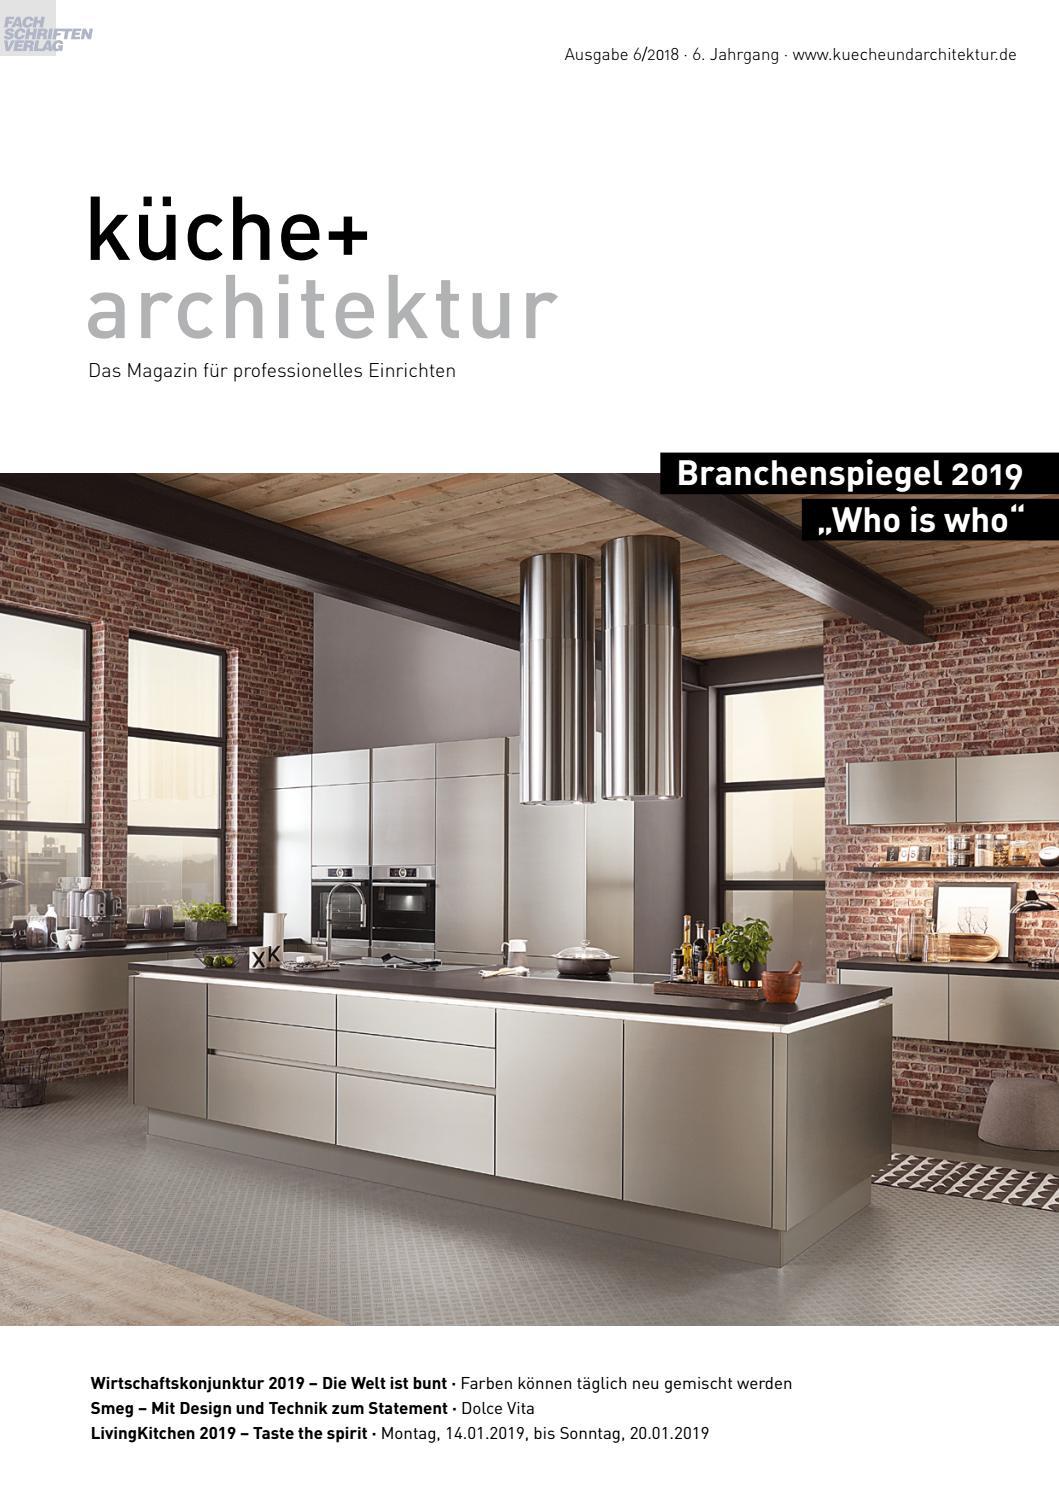 Kuche Architektur 6 2018 By Fachschriften Verlag Issuu